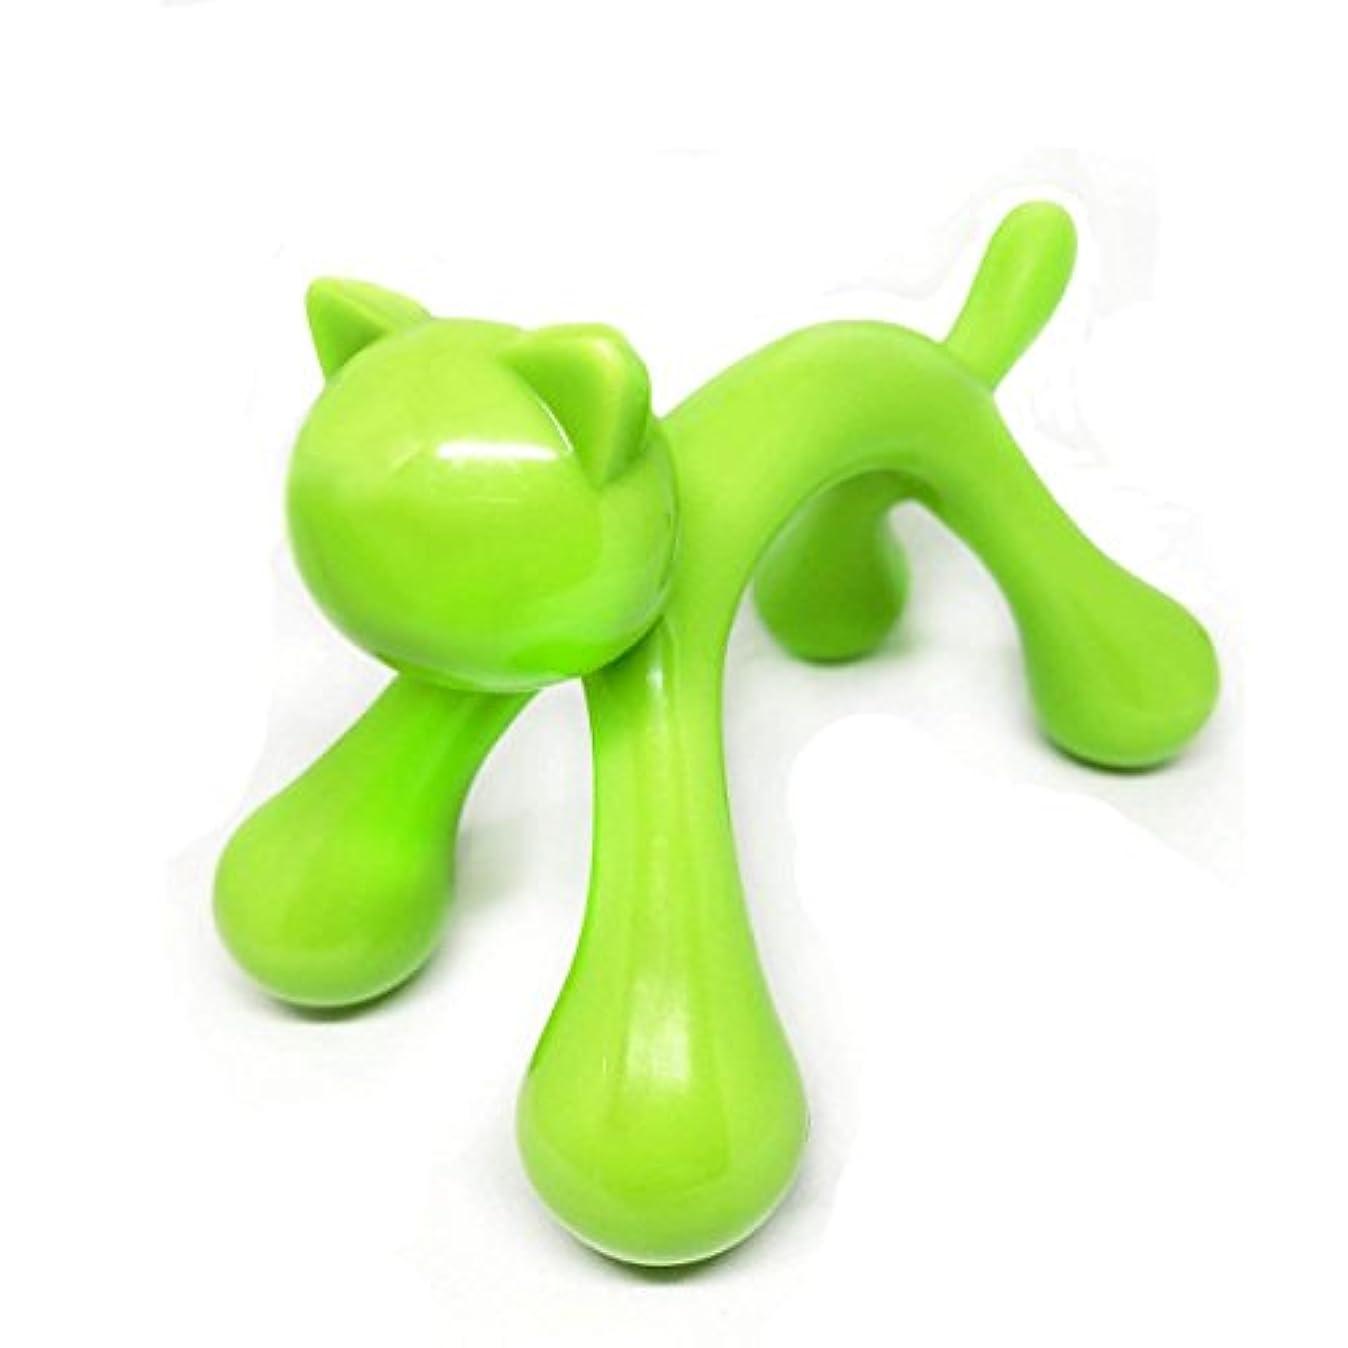 委任怪物バランスマッサージ棒 ツボ押しマッサージ台 握りタイプ 背中 ウッド 疲労回復 ハンド 背中 首 肩こり解消 可愛いネコ型 (グリーン)